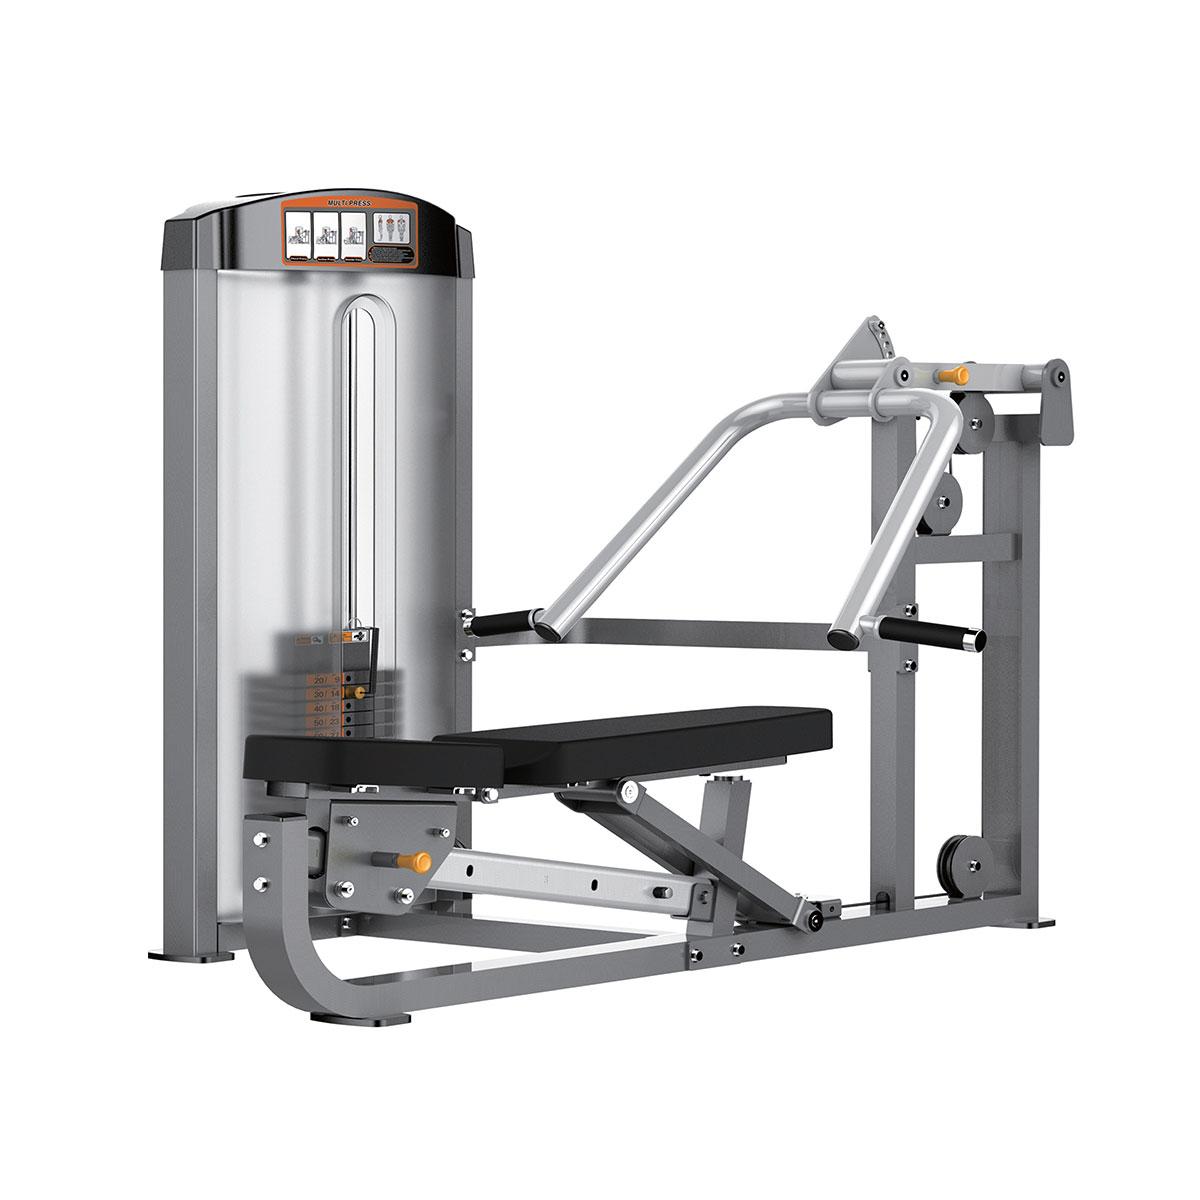 Multi Press - 250 lbs